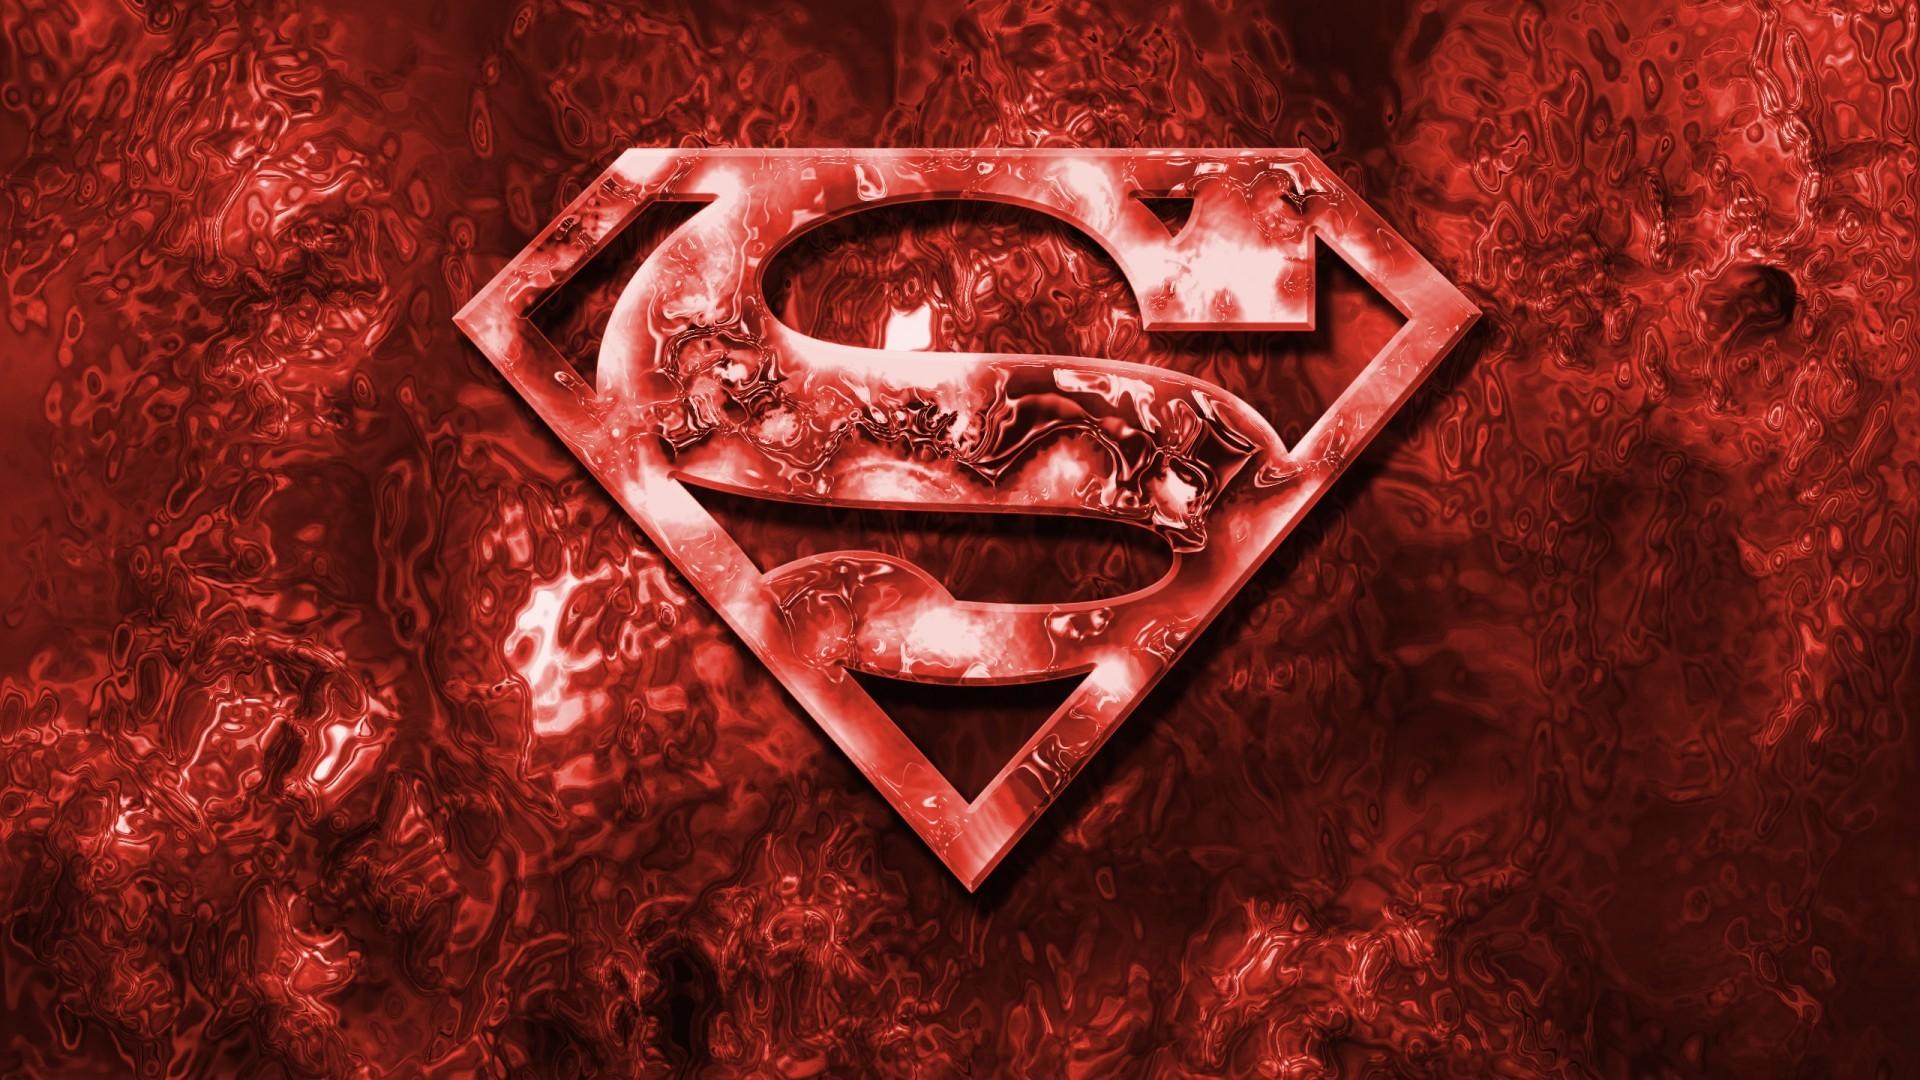 super-hd